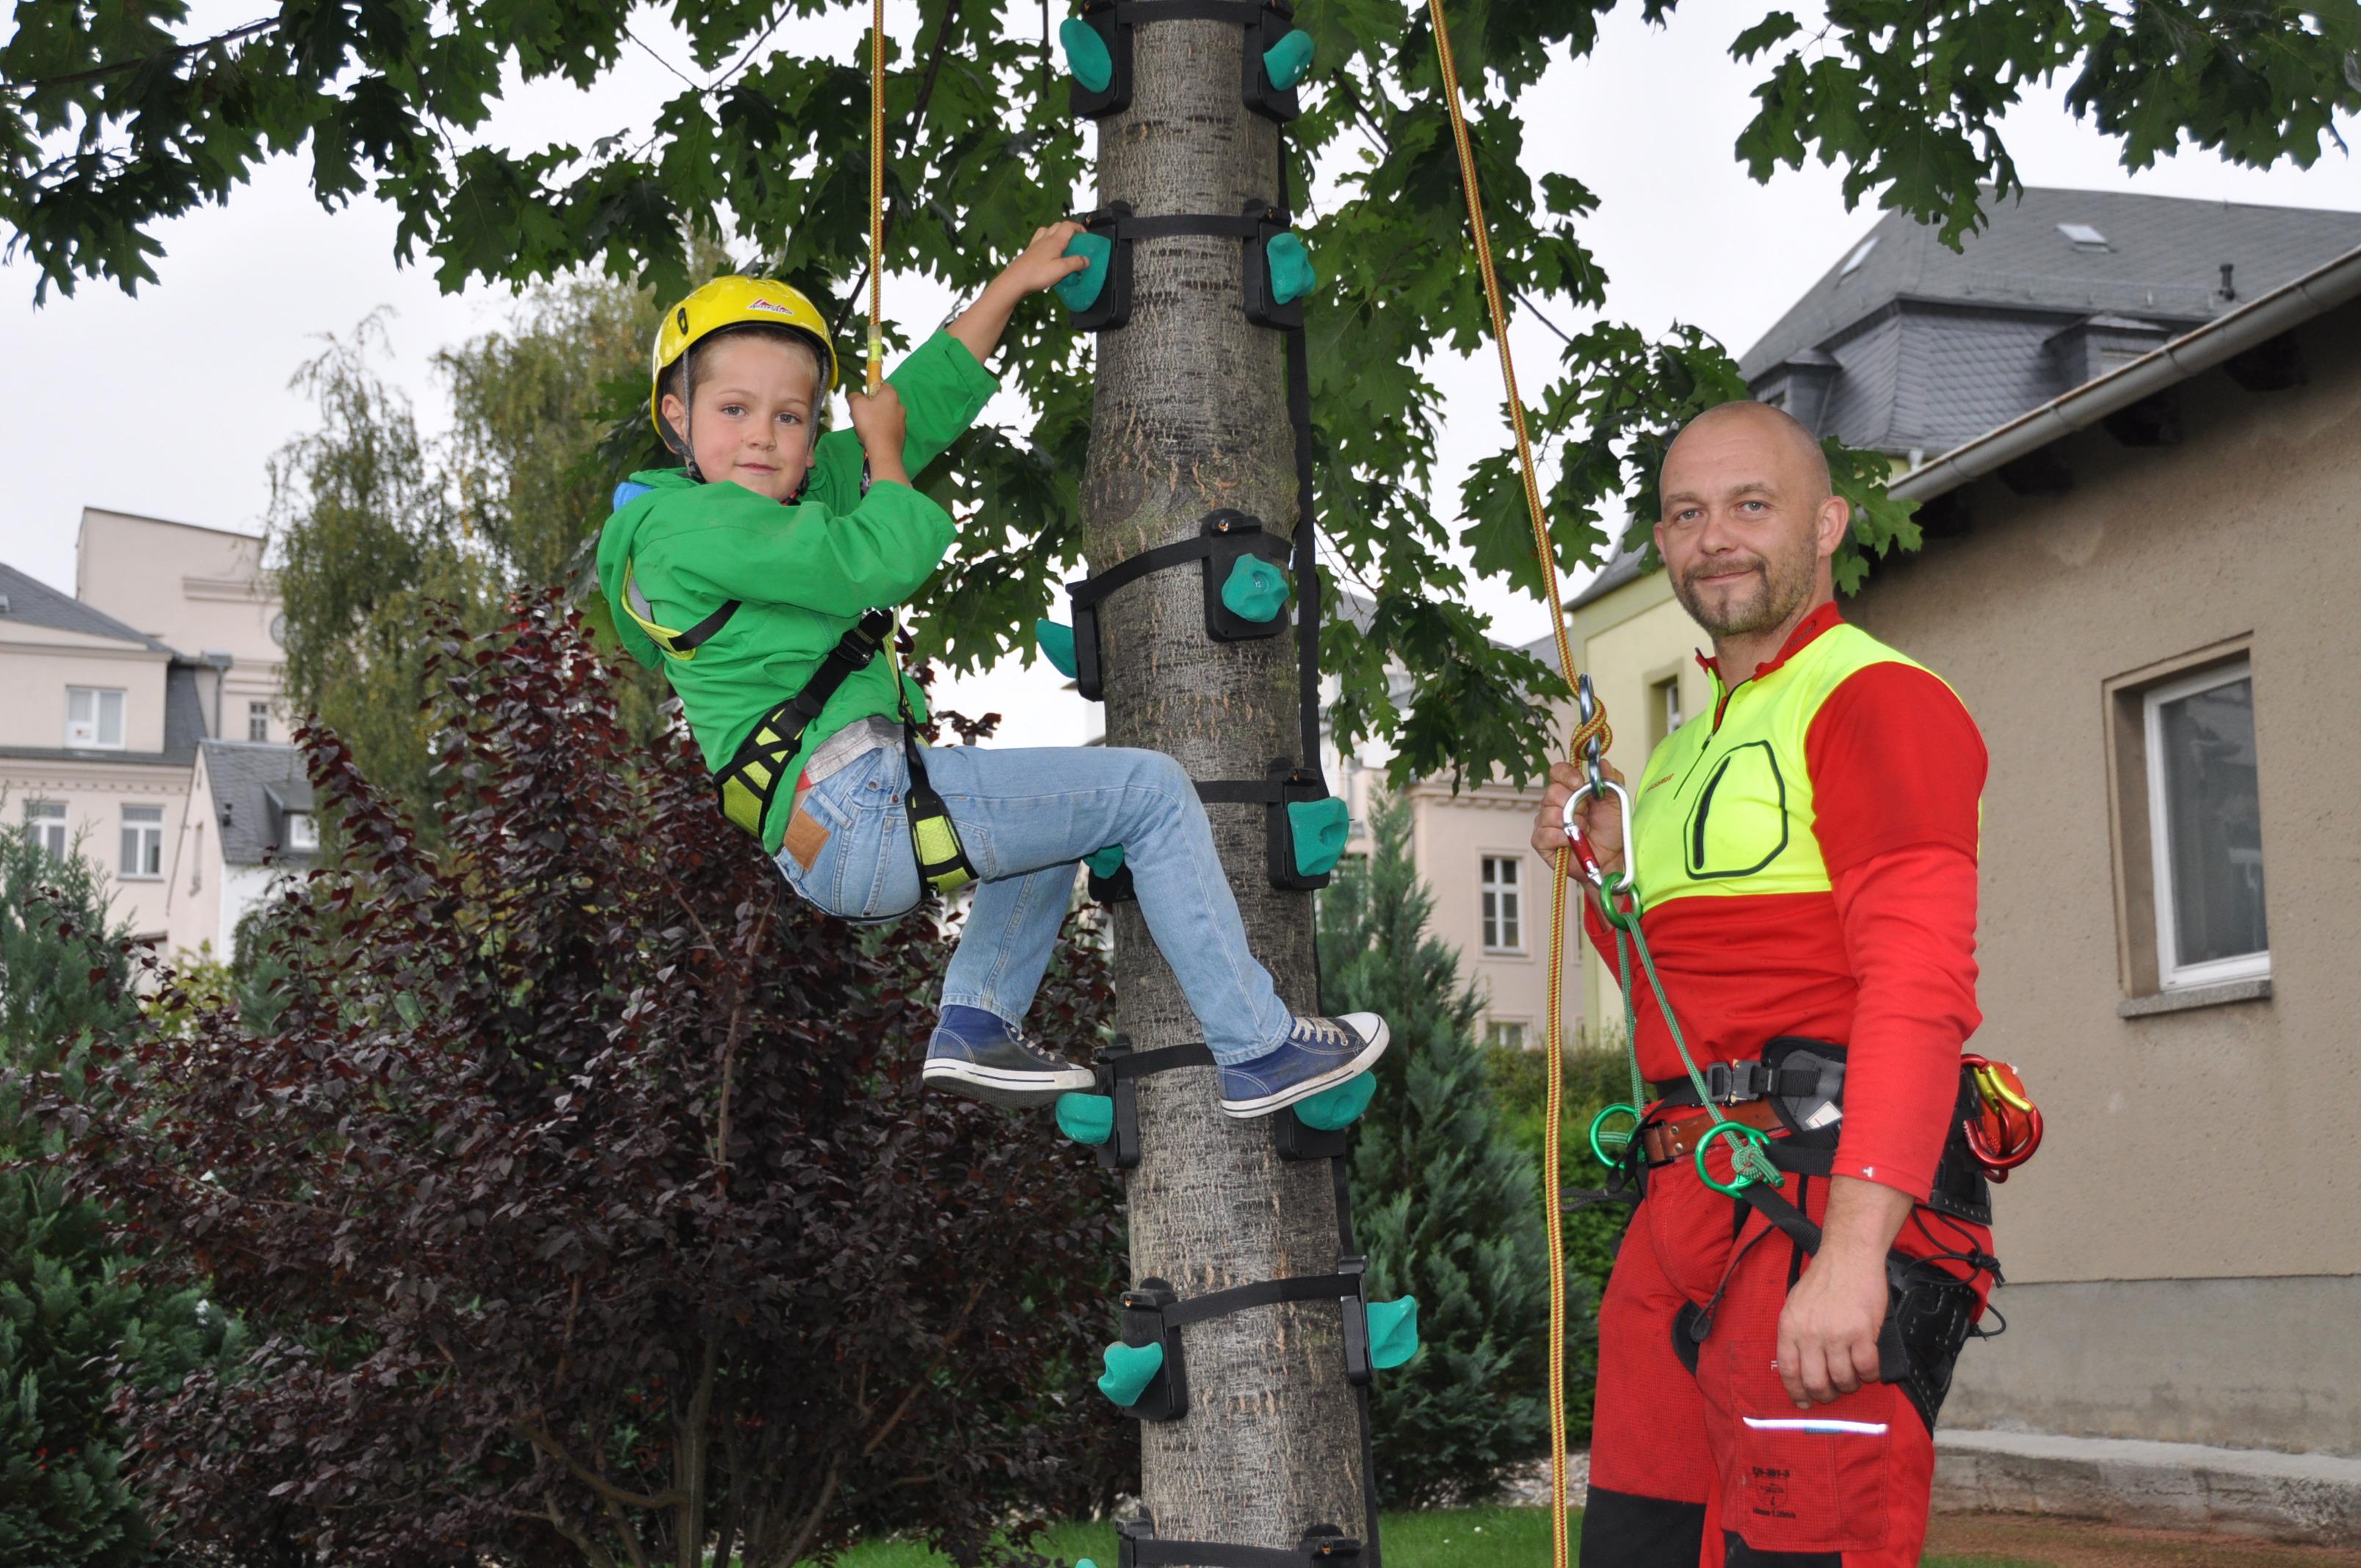 Klettergurt Forst : Kinder klettern forst holz de